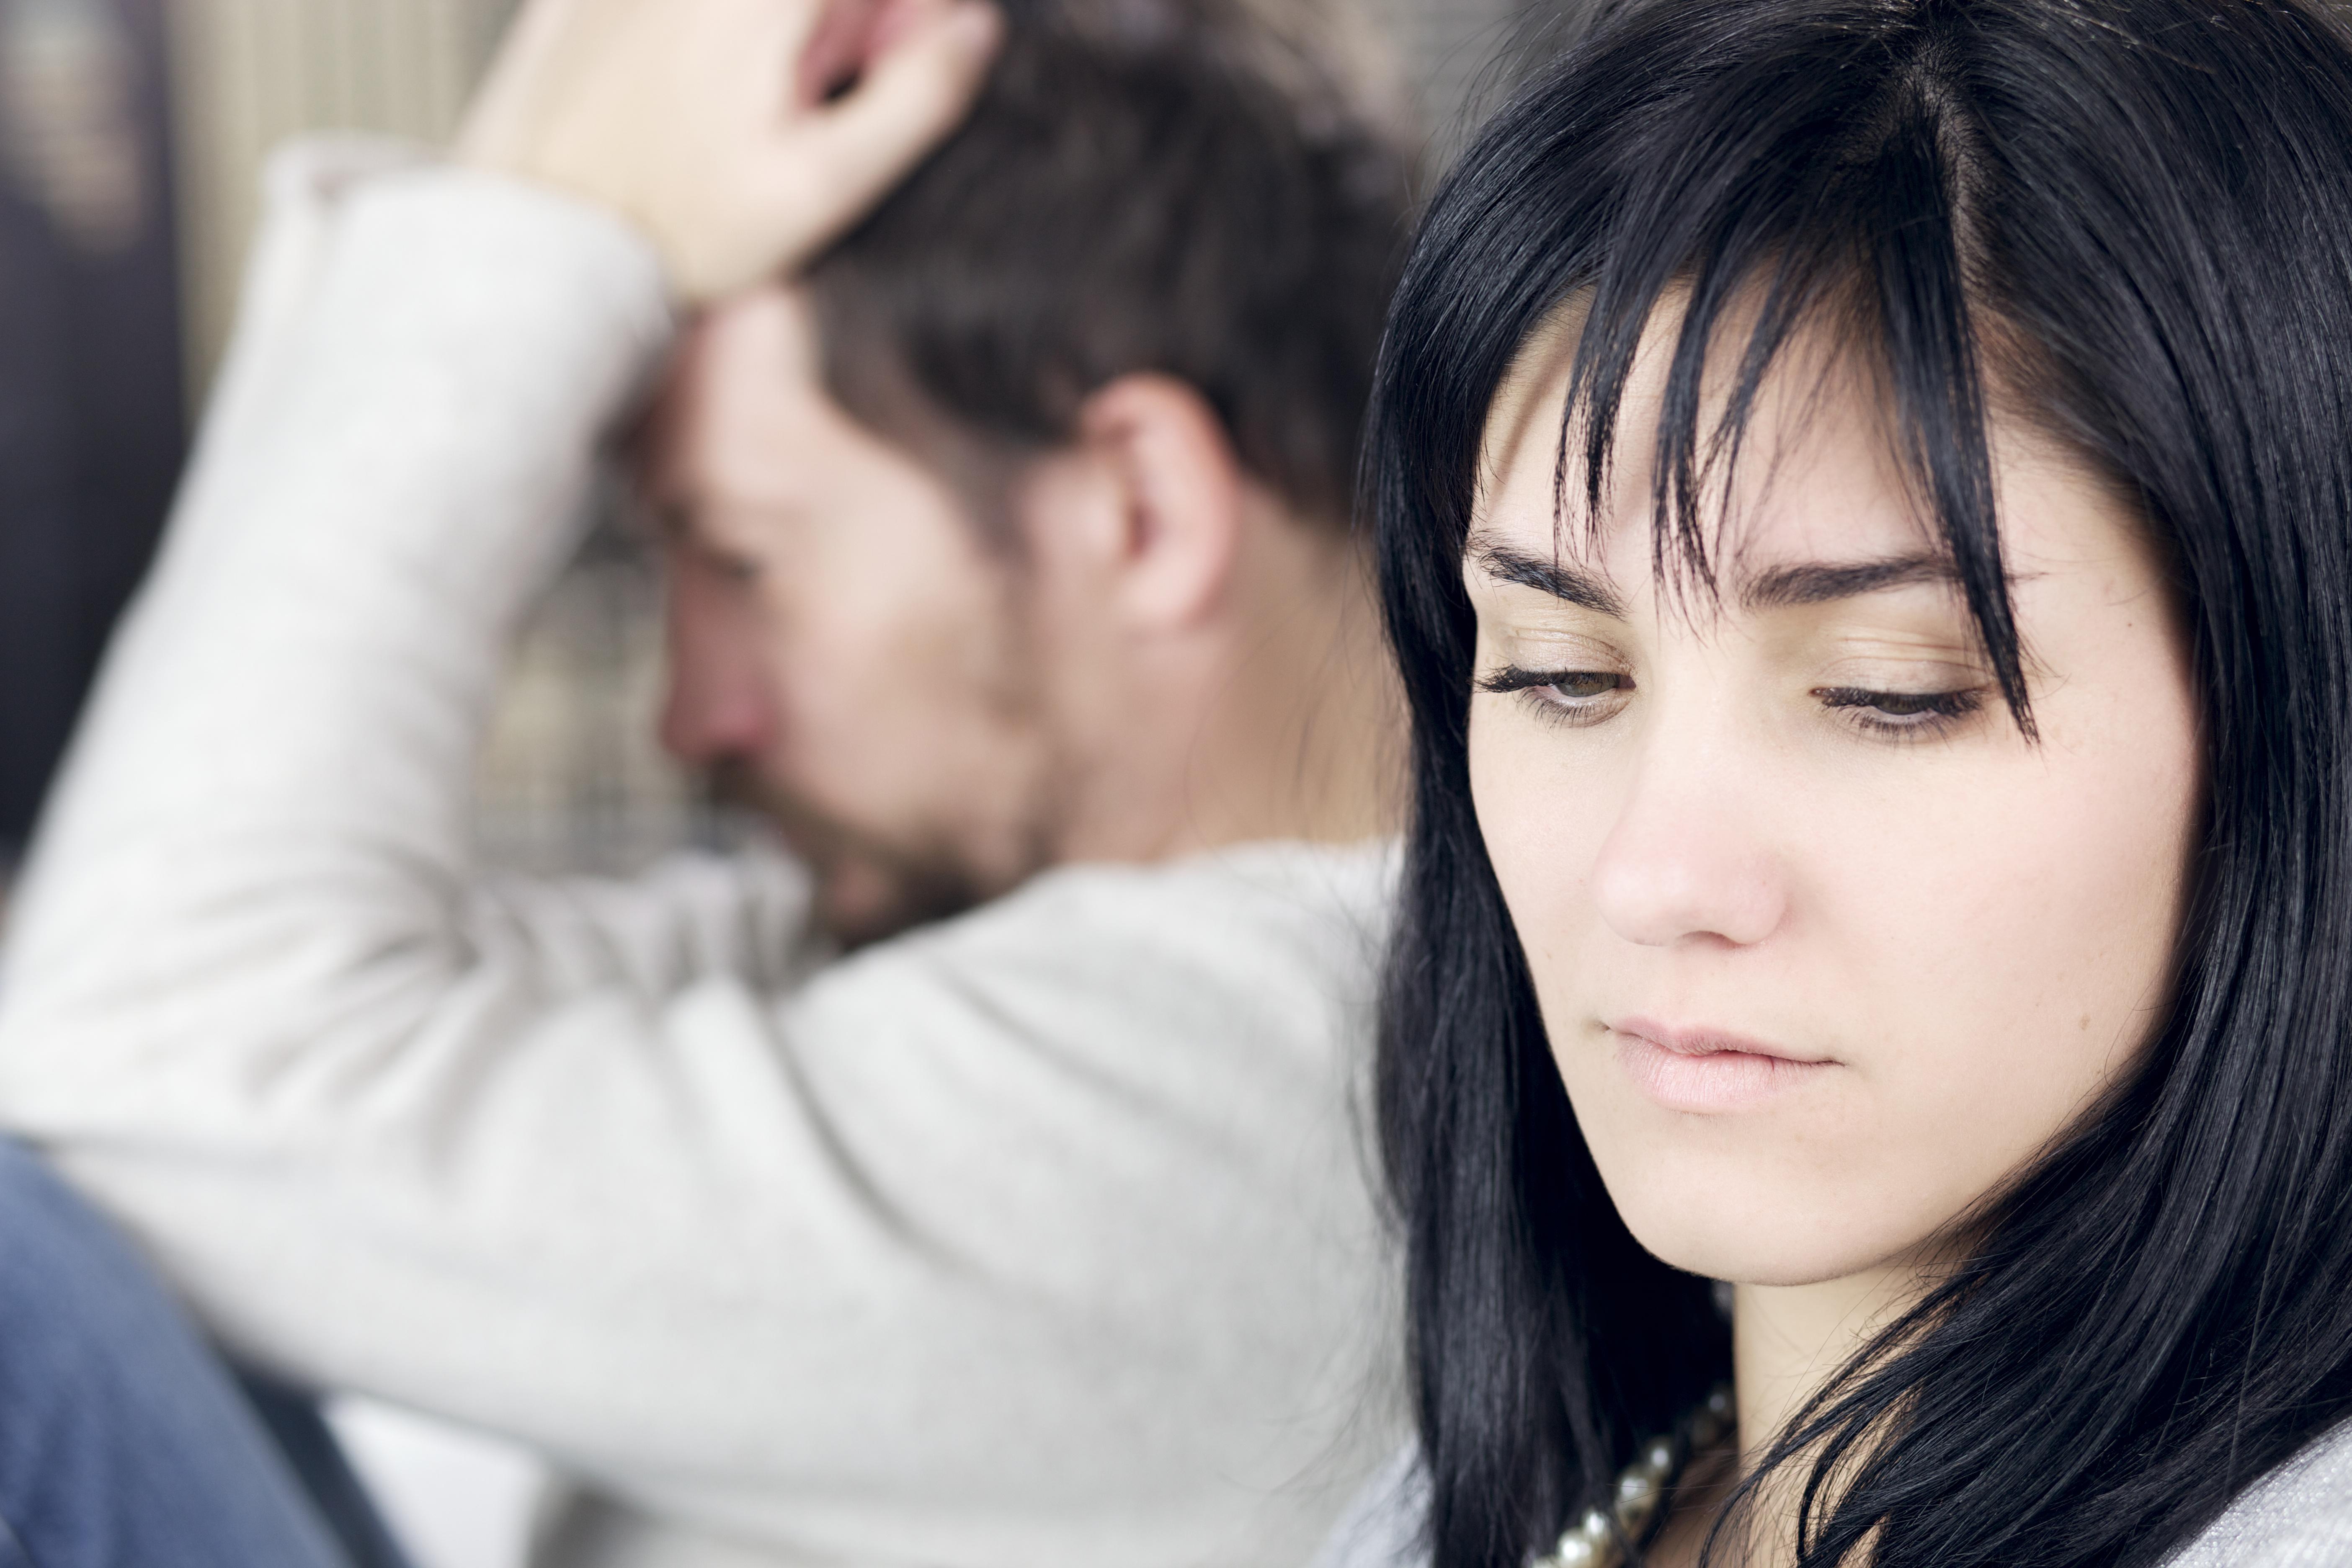 После обнаружения каких принципов мужчины стоит с ним попрощаться